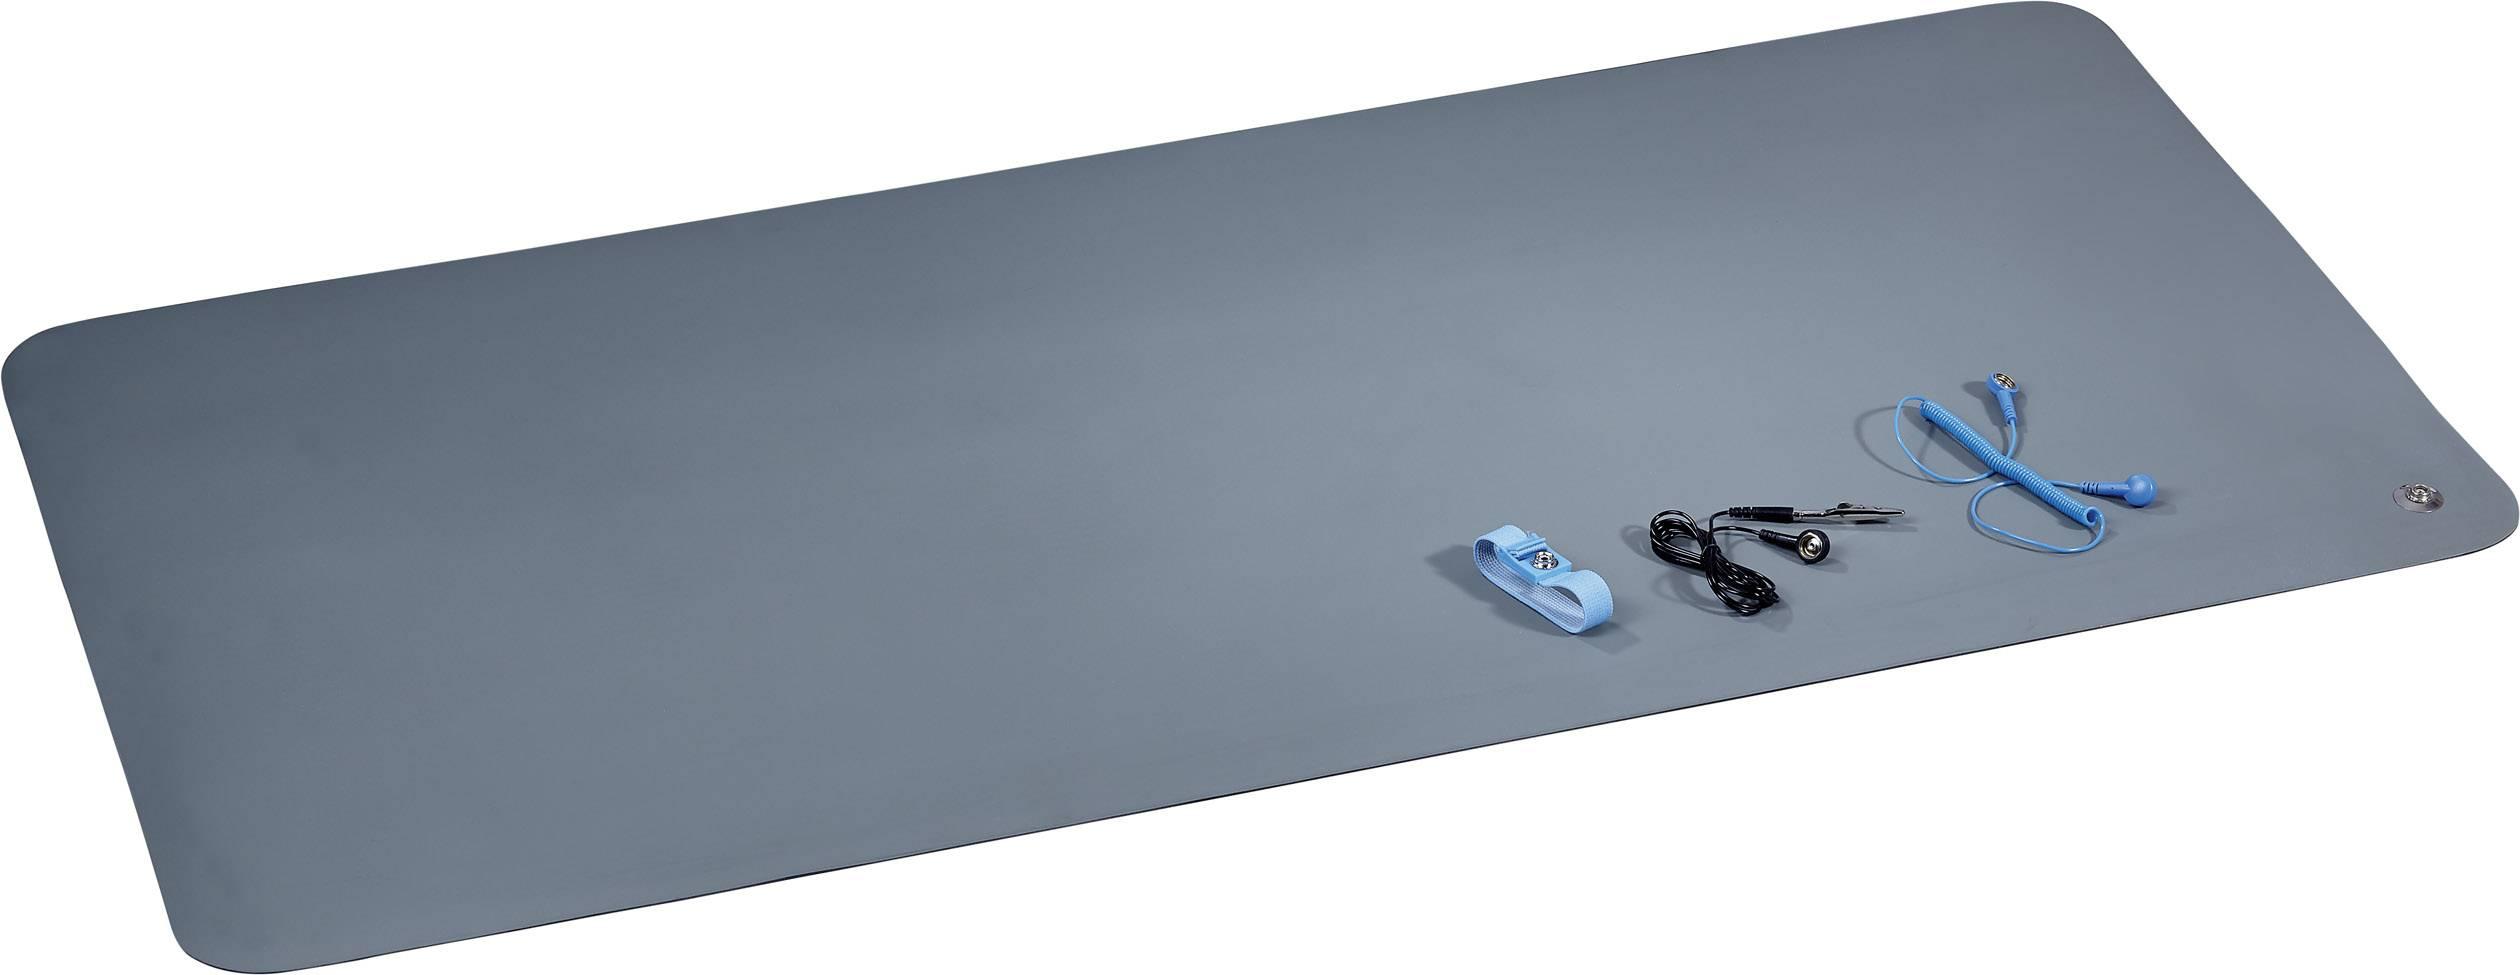 ESD podložky na stolík, sada TRU COMPONENTS 1570452, (d x š) 119 cm x 59 cm, sivozelená, čierna